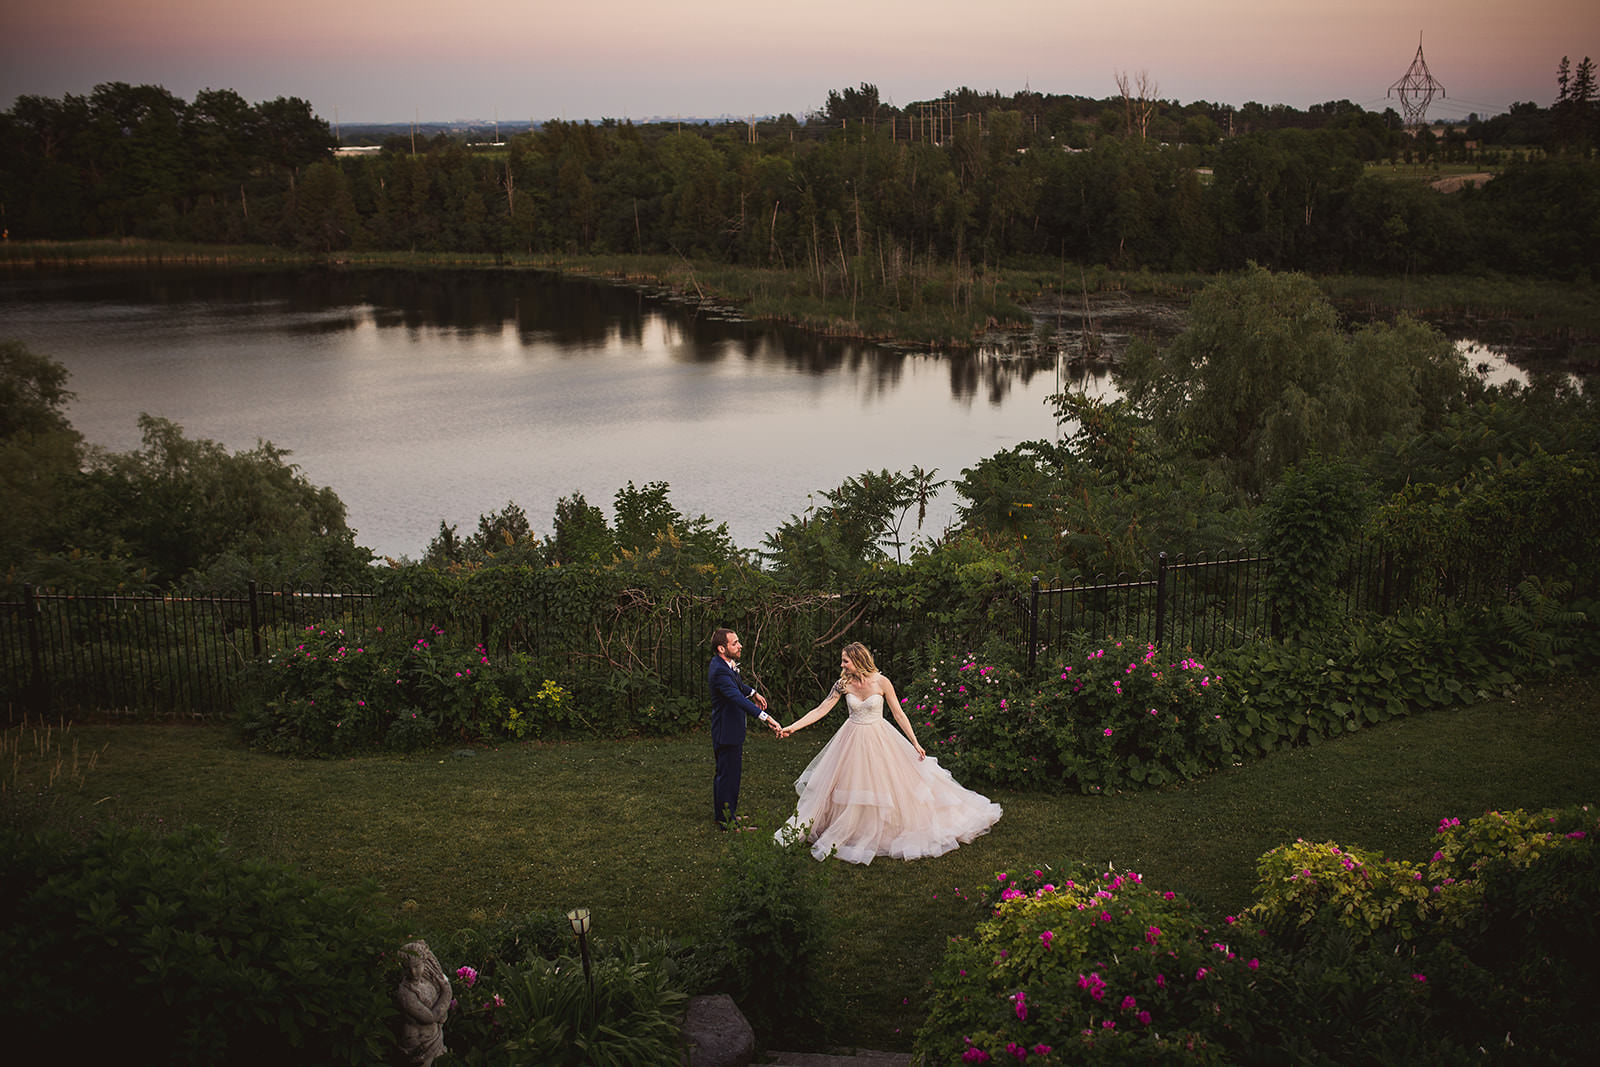 Waterfront wedding venues Ontario